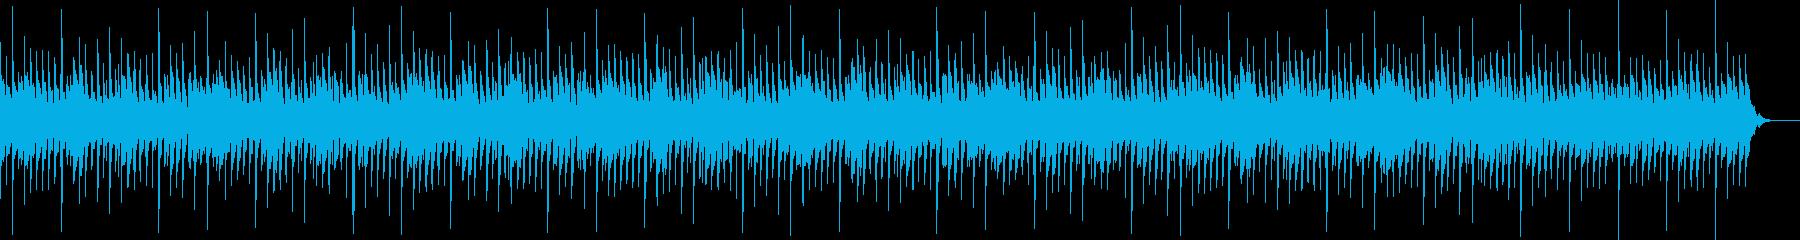 幻想的・暗い・悲しい・ヒップホップの再生済みの波形